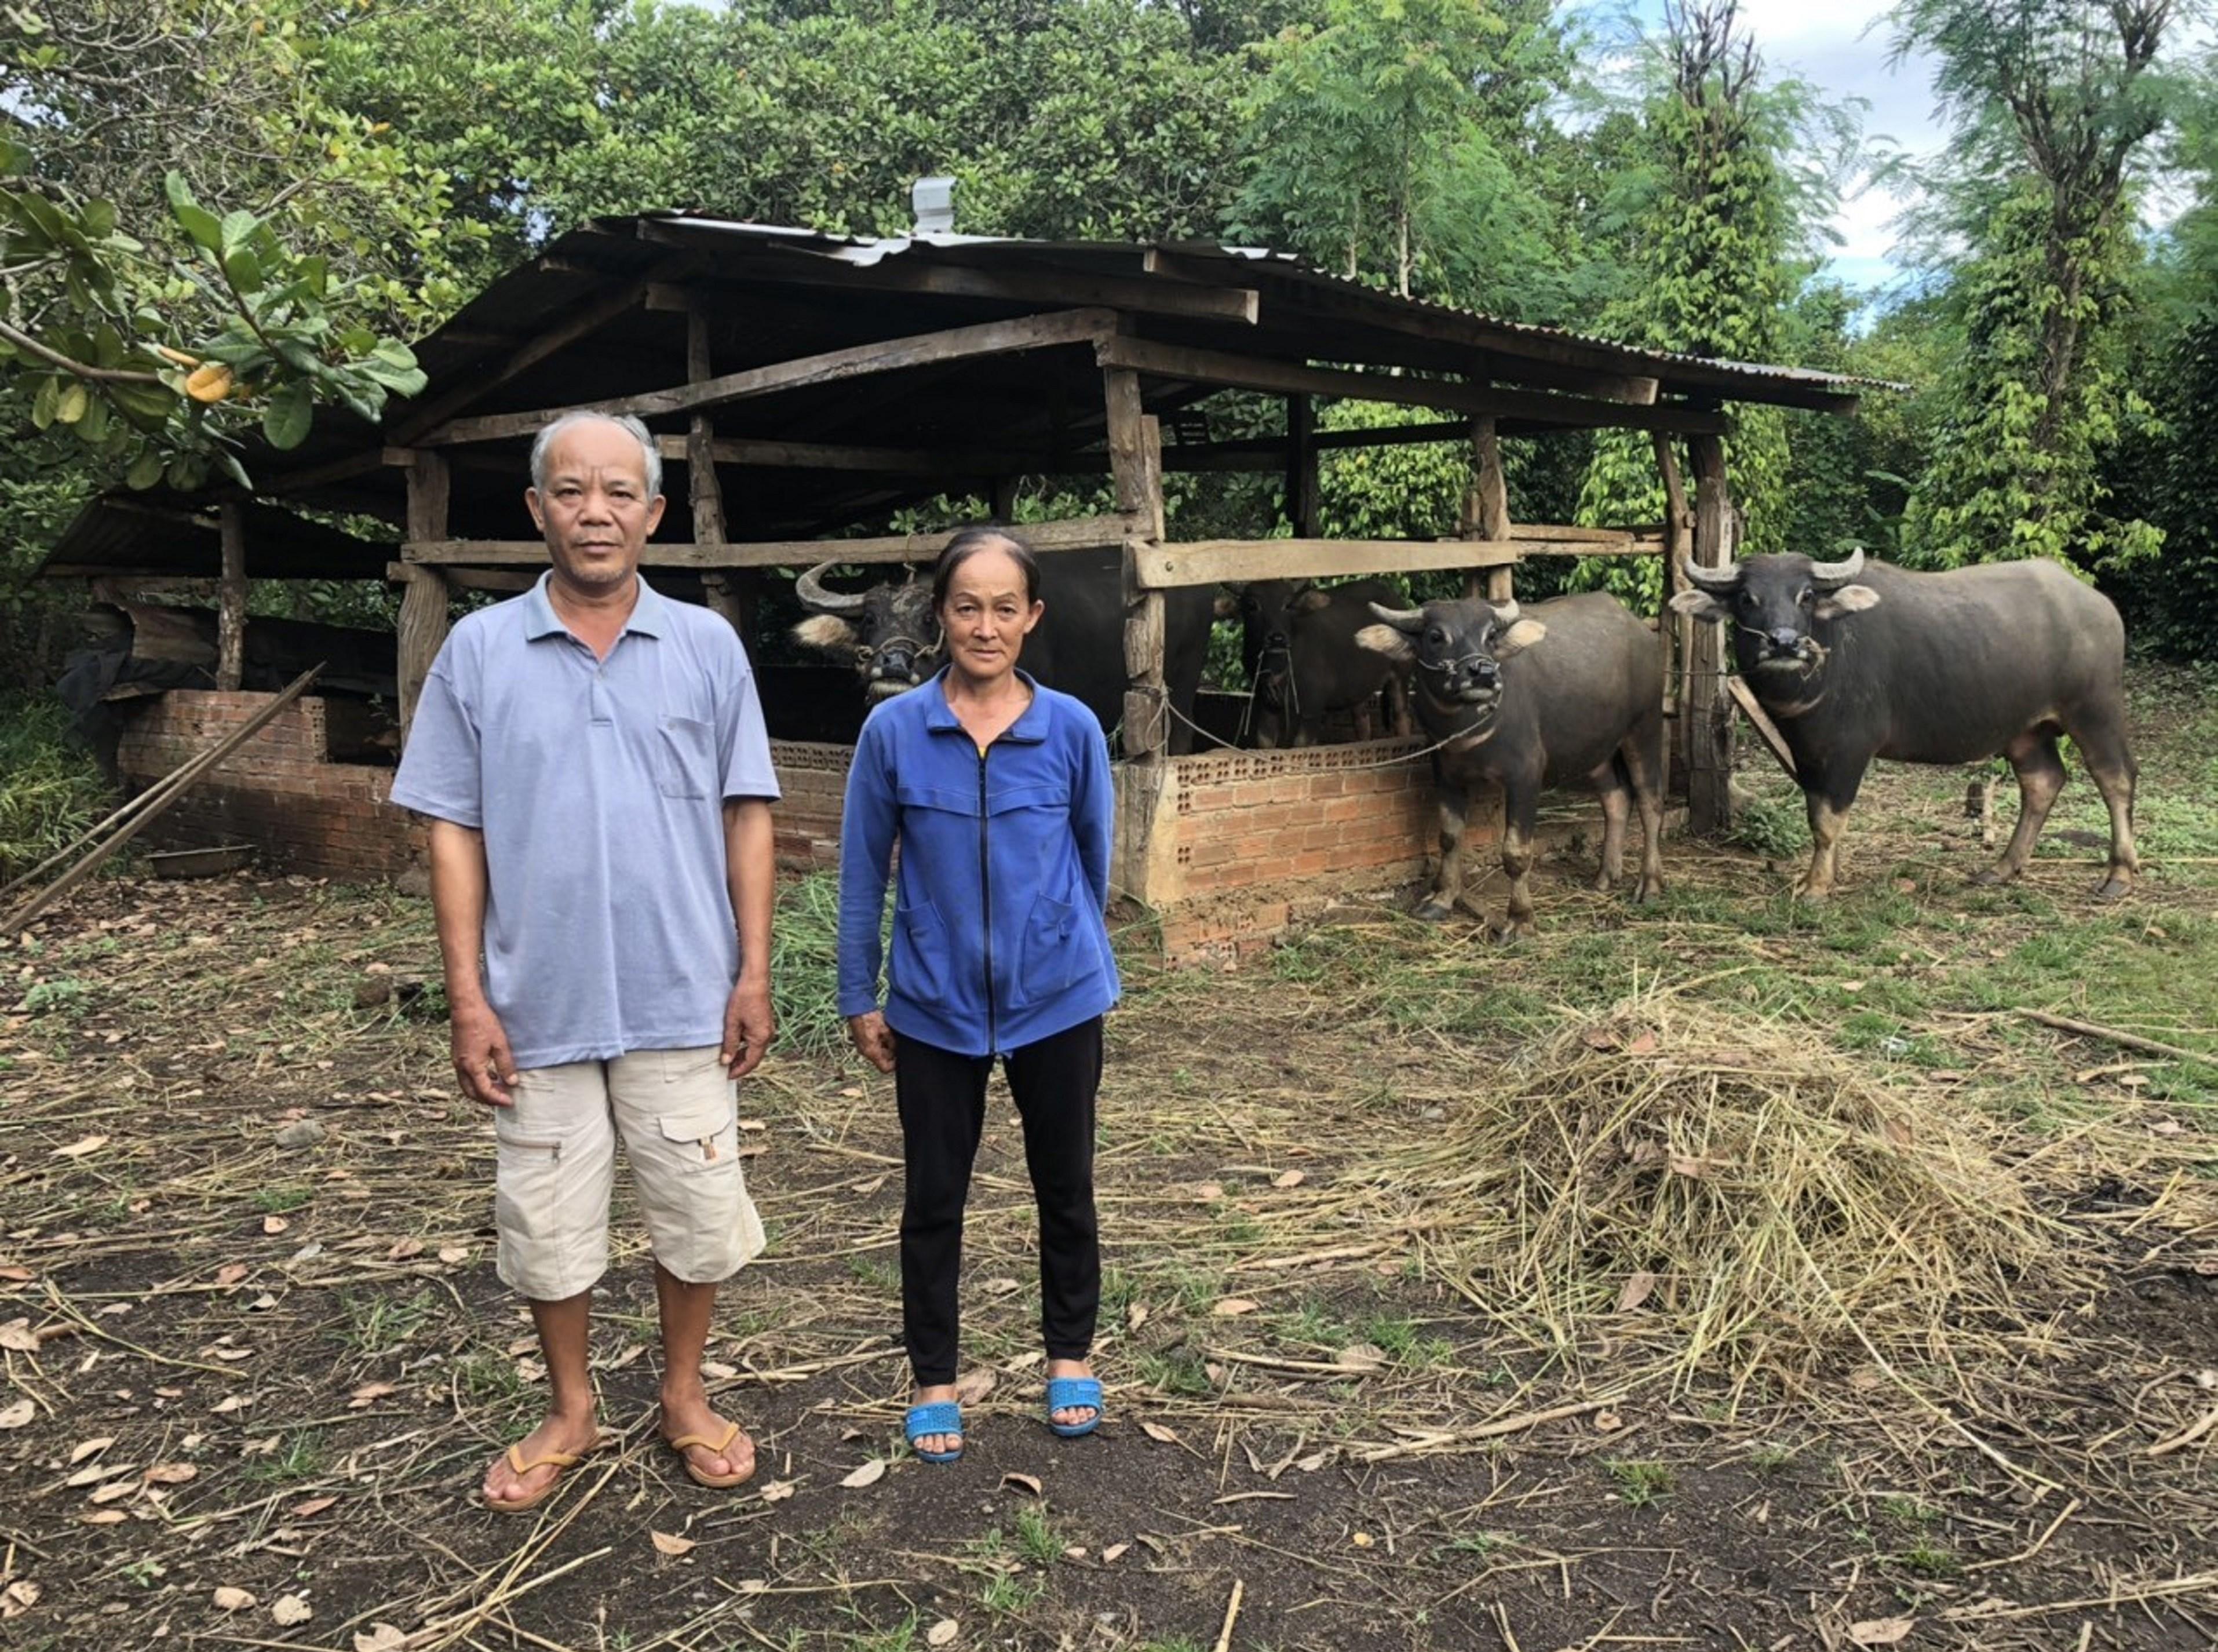 Vợ chồng ông Liêu Văn Kỳ, ấp 5, xã Thanh Hòa, huyện Bù Đốp khoe đàn trâu sinh sản của gia đình.